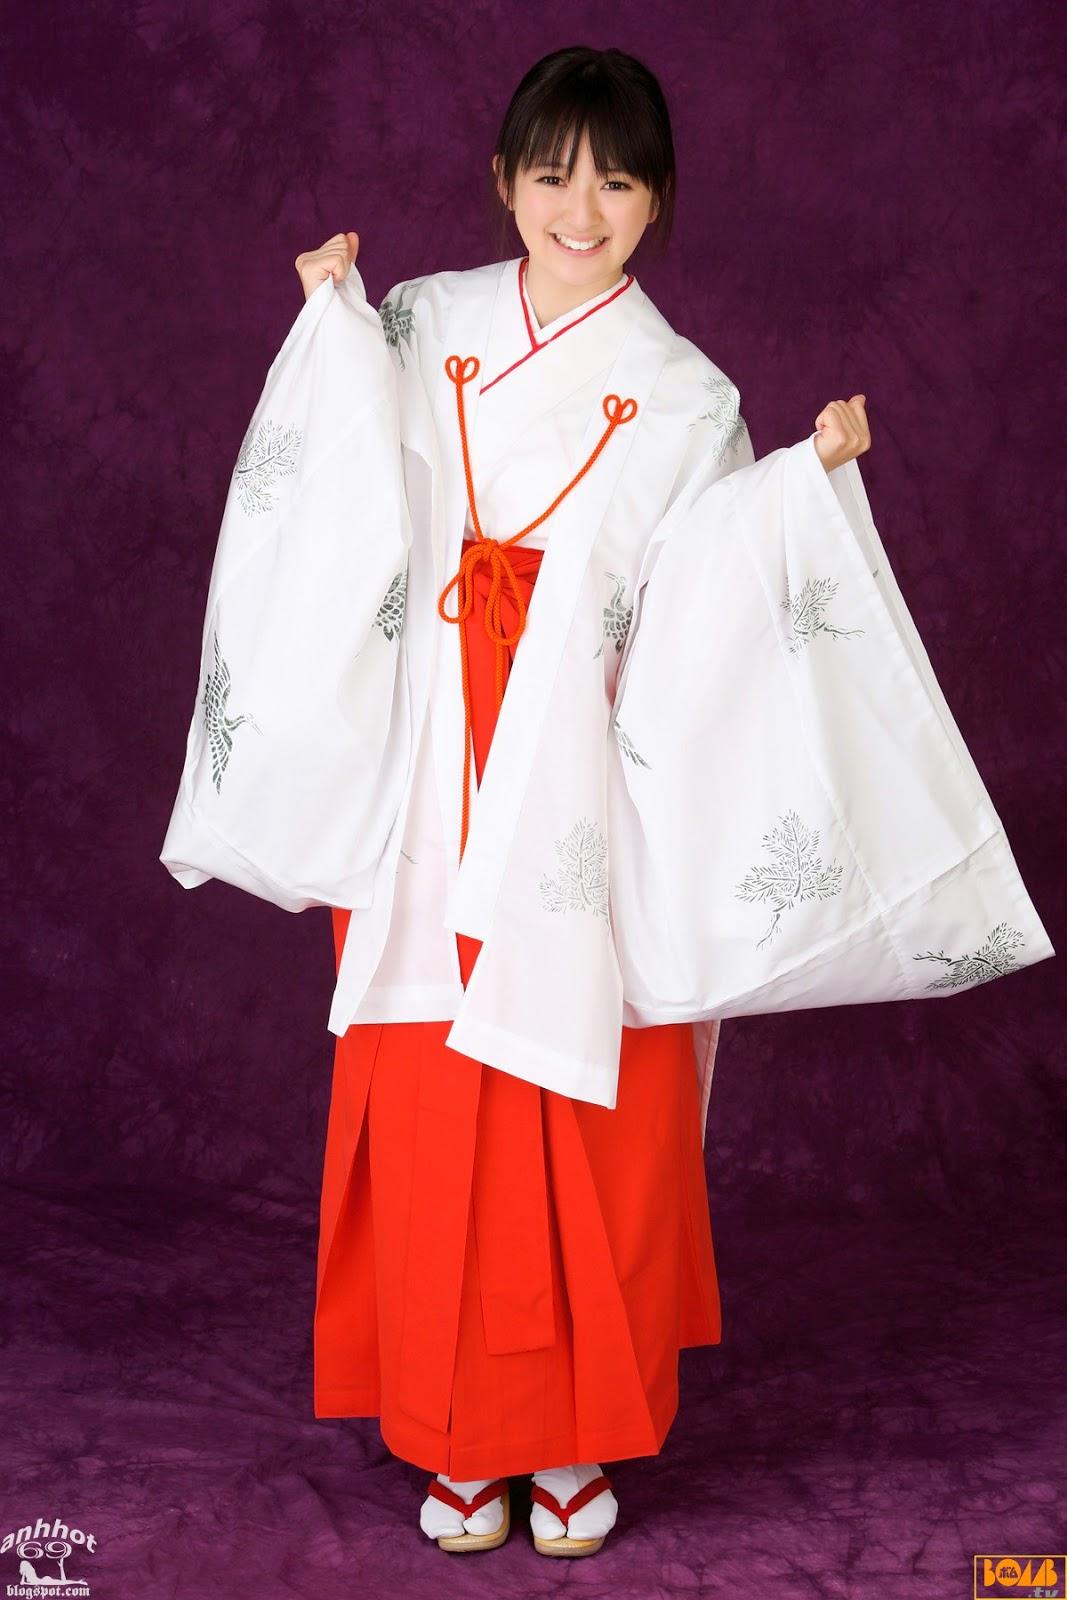 saki-takayama-01316303